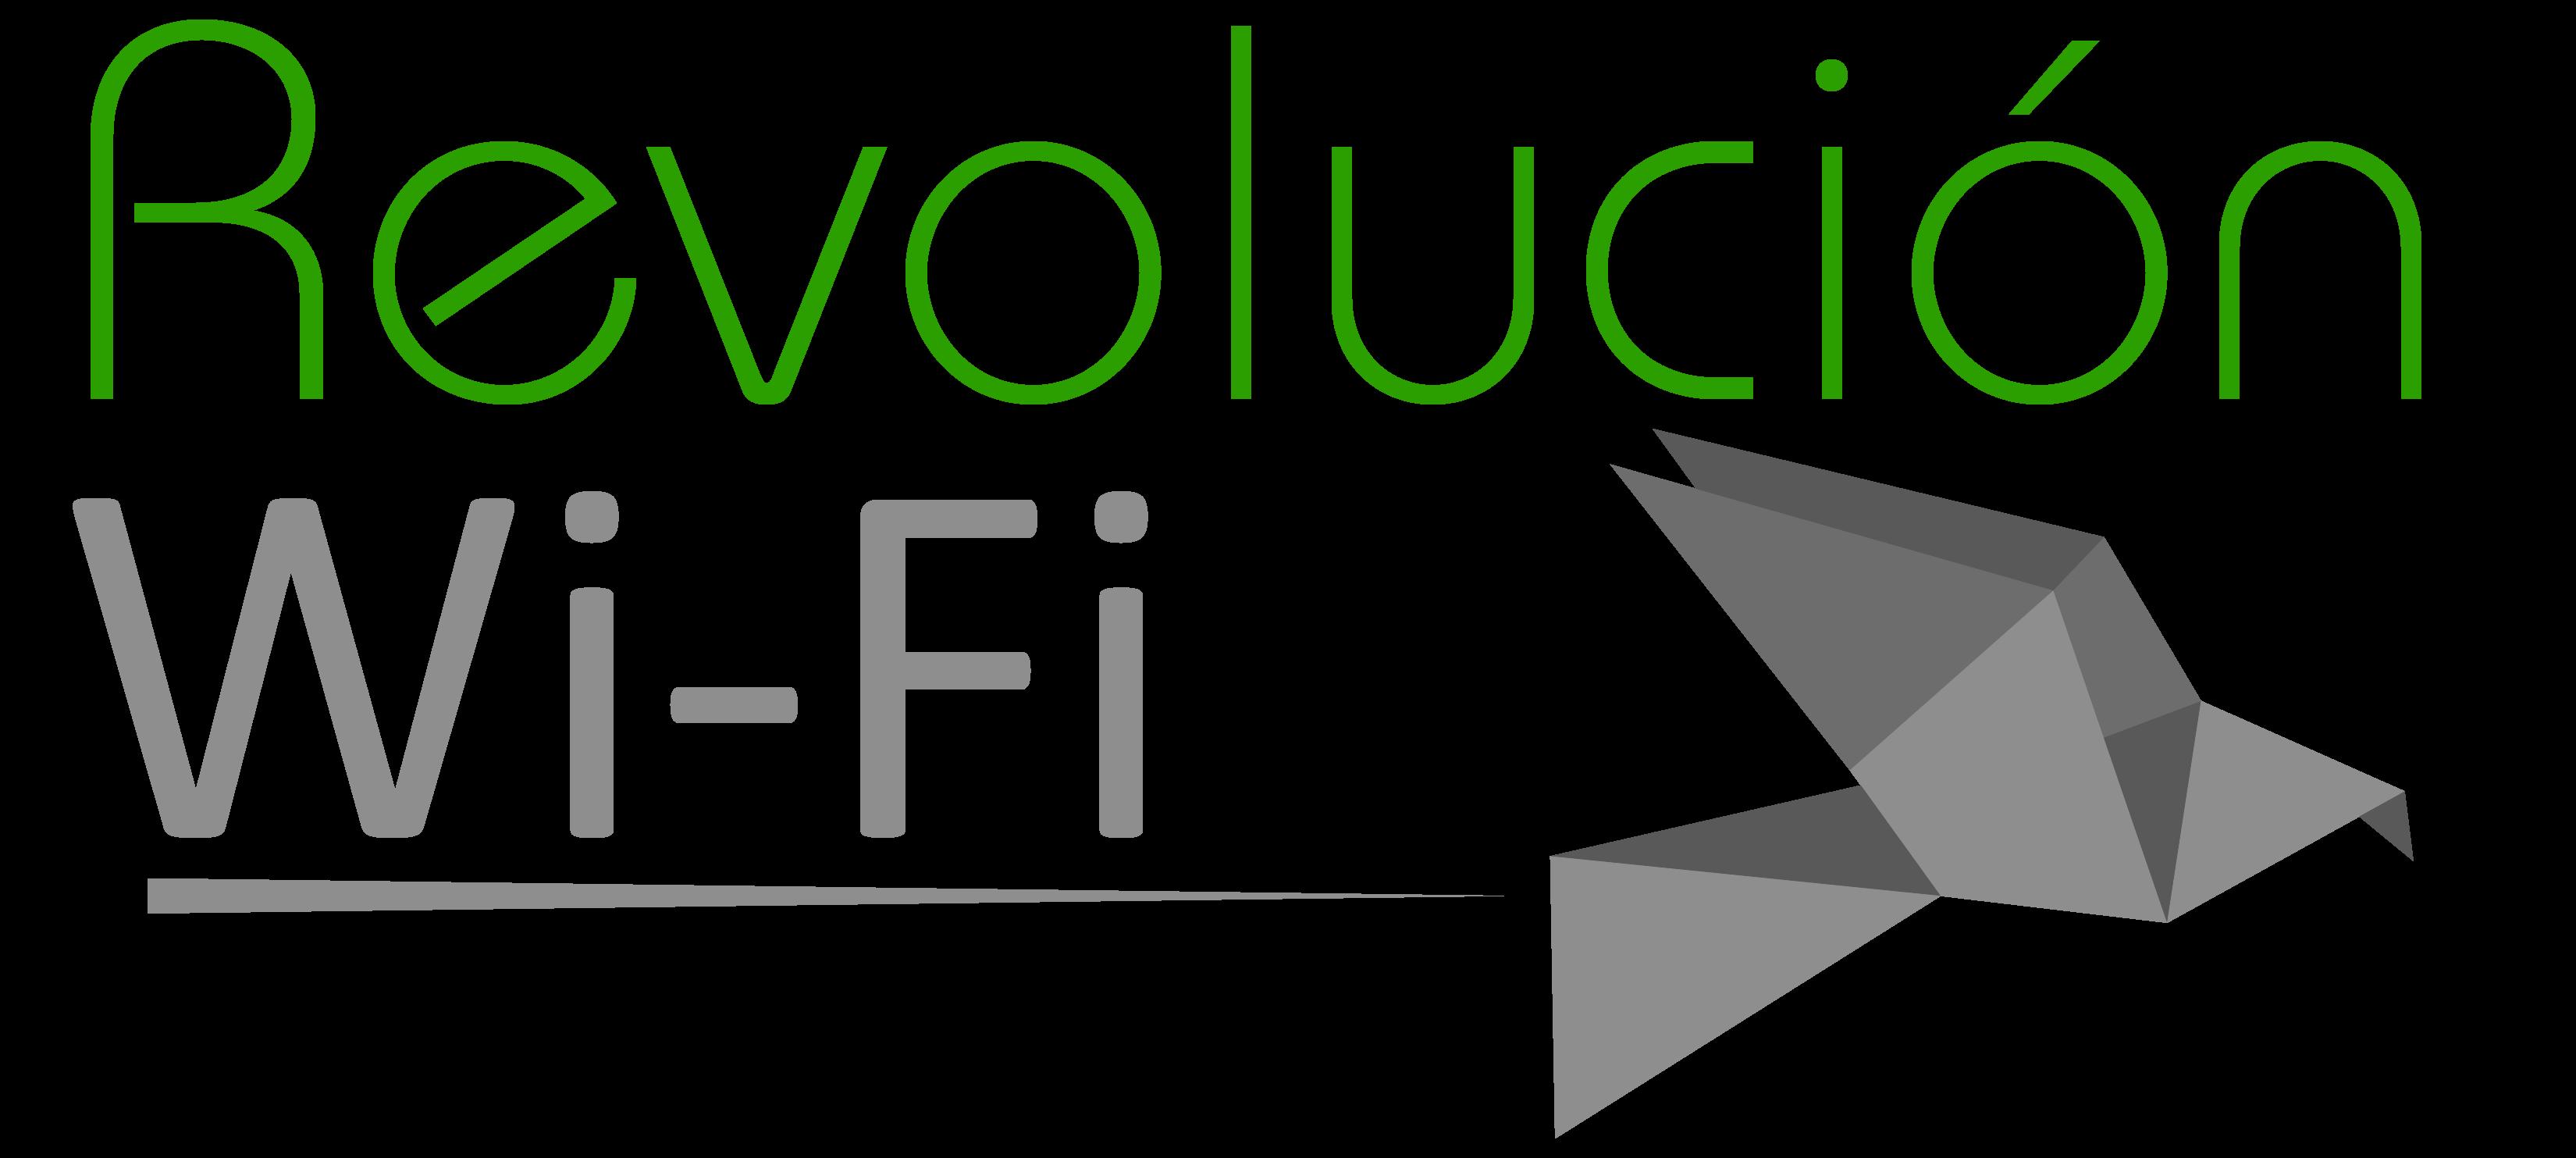 Revolución WiFi